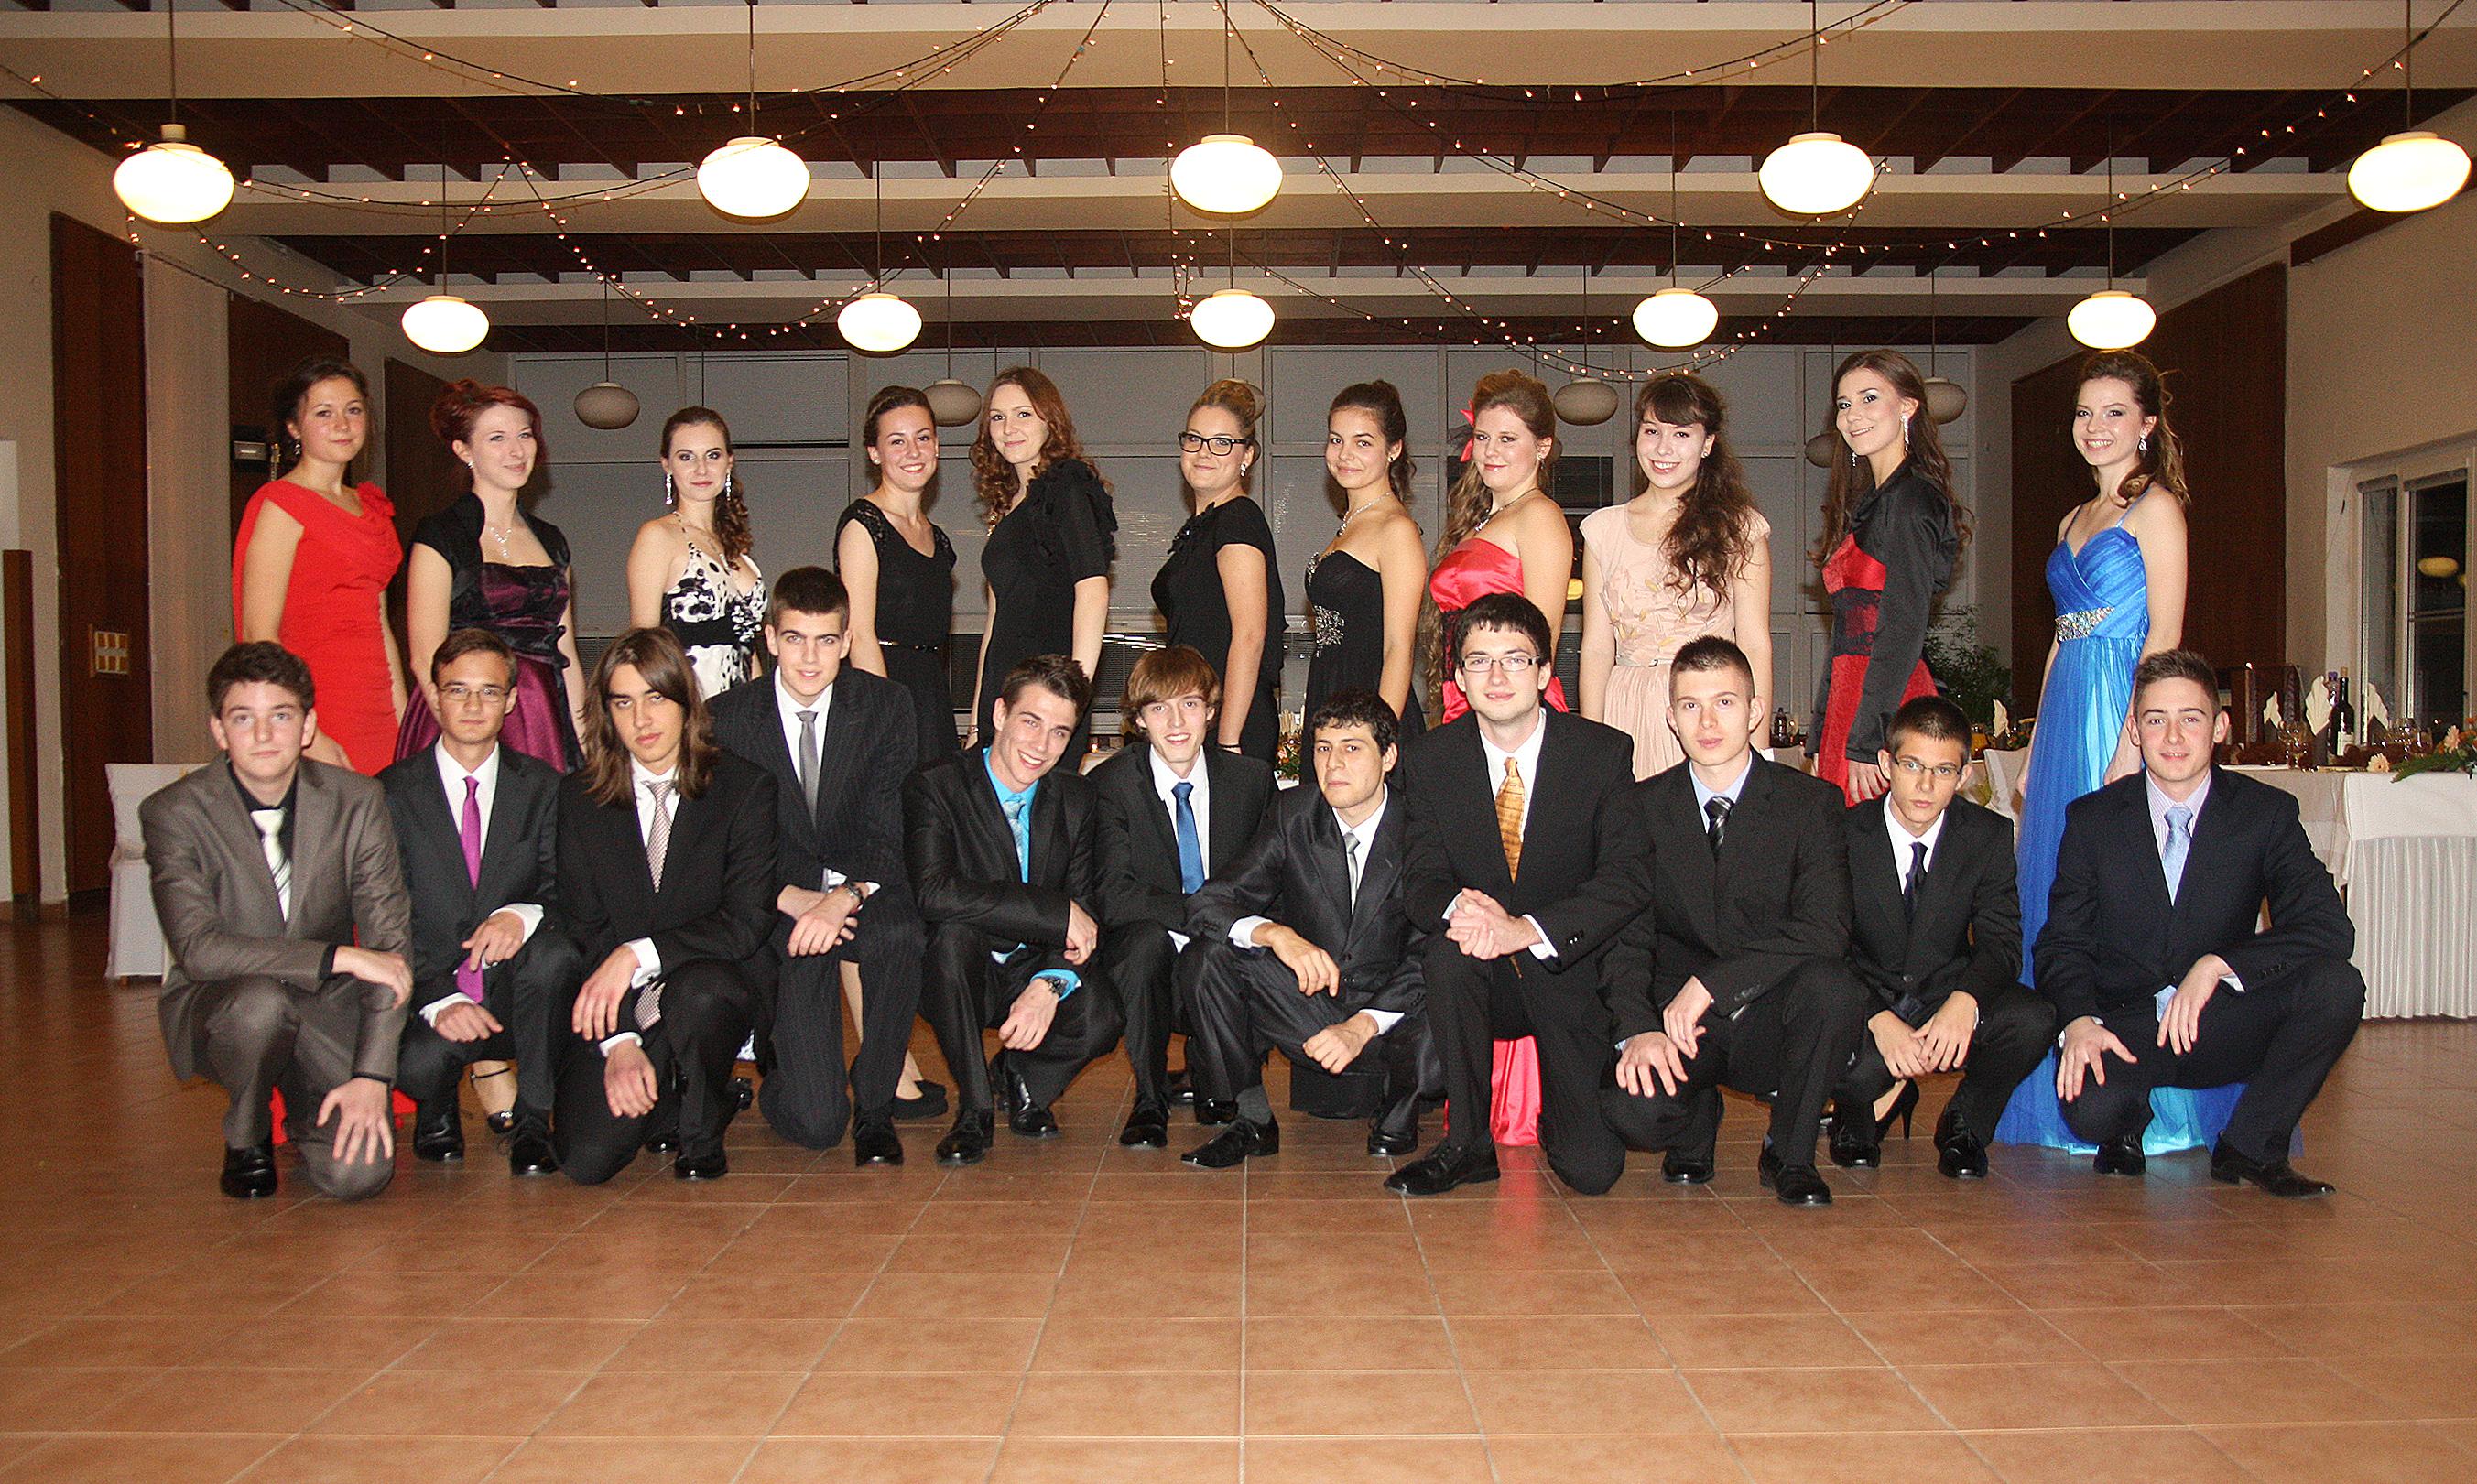 f4996e7cd167 Dvadsaťtri maturantov si stužkovú slávnosť užilo v piatok 15. novembra v  priestoroch Hotelovej akadémie Ľudovíta Wintera. Svojich zverencov  ostužkovala ...